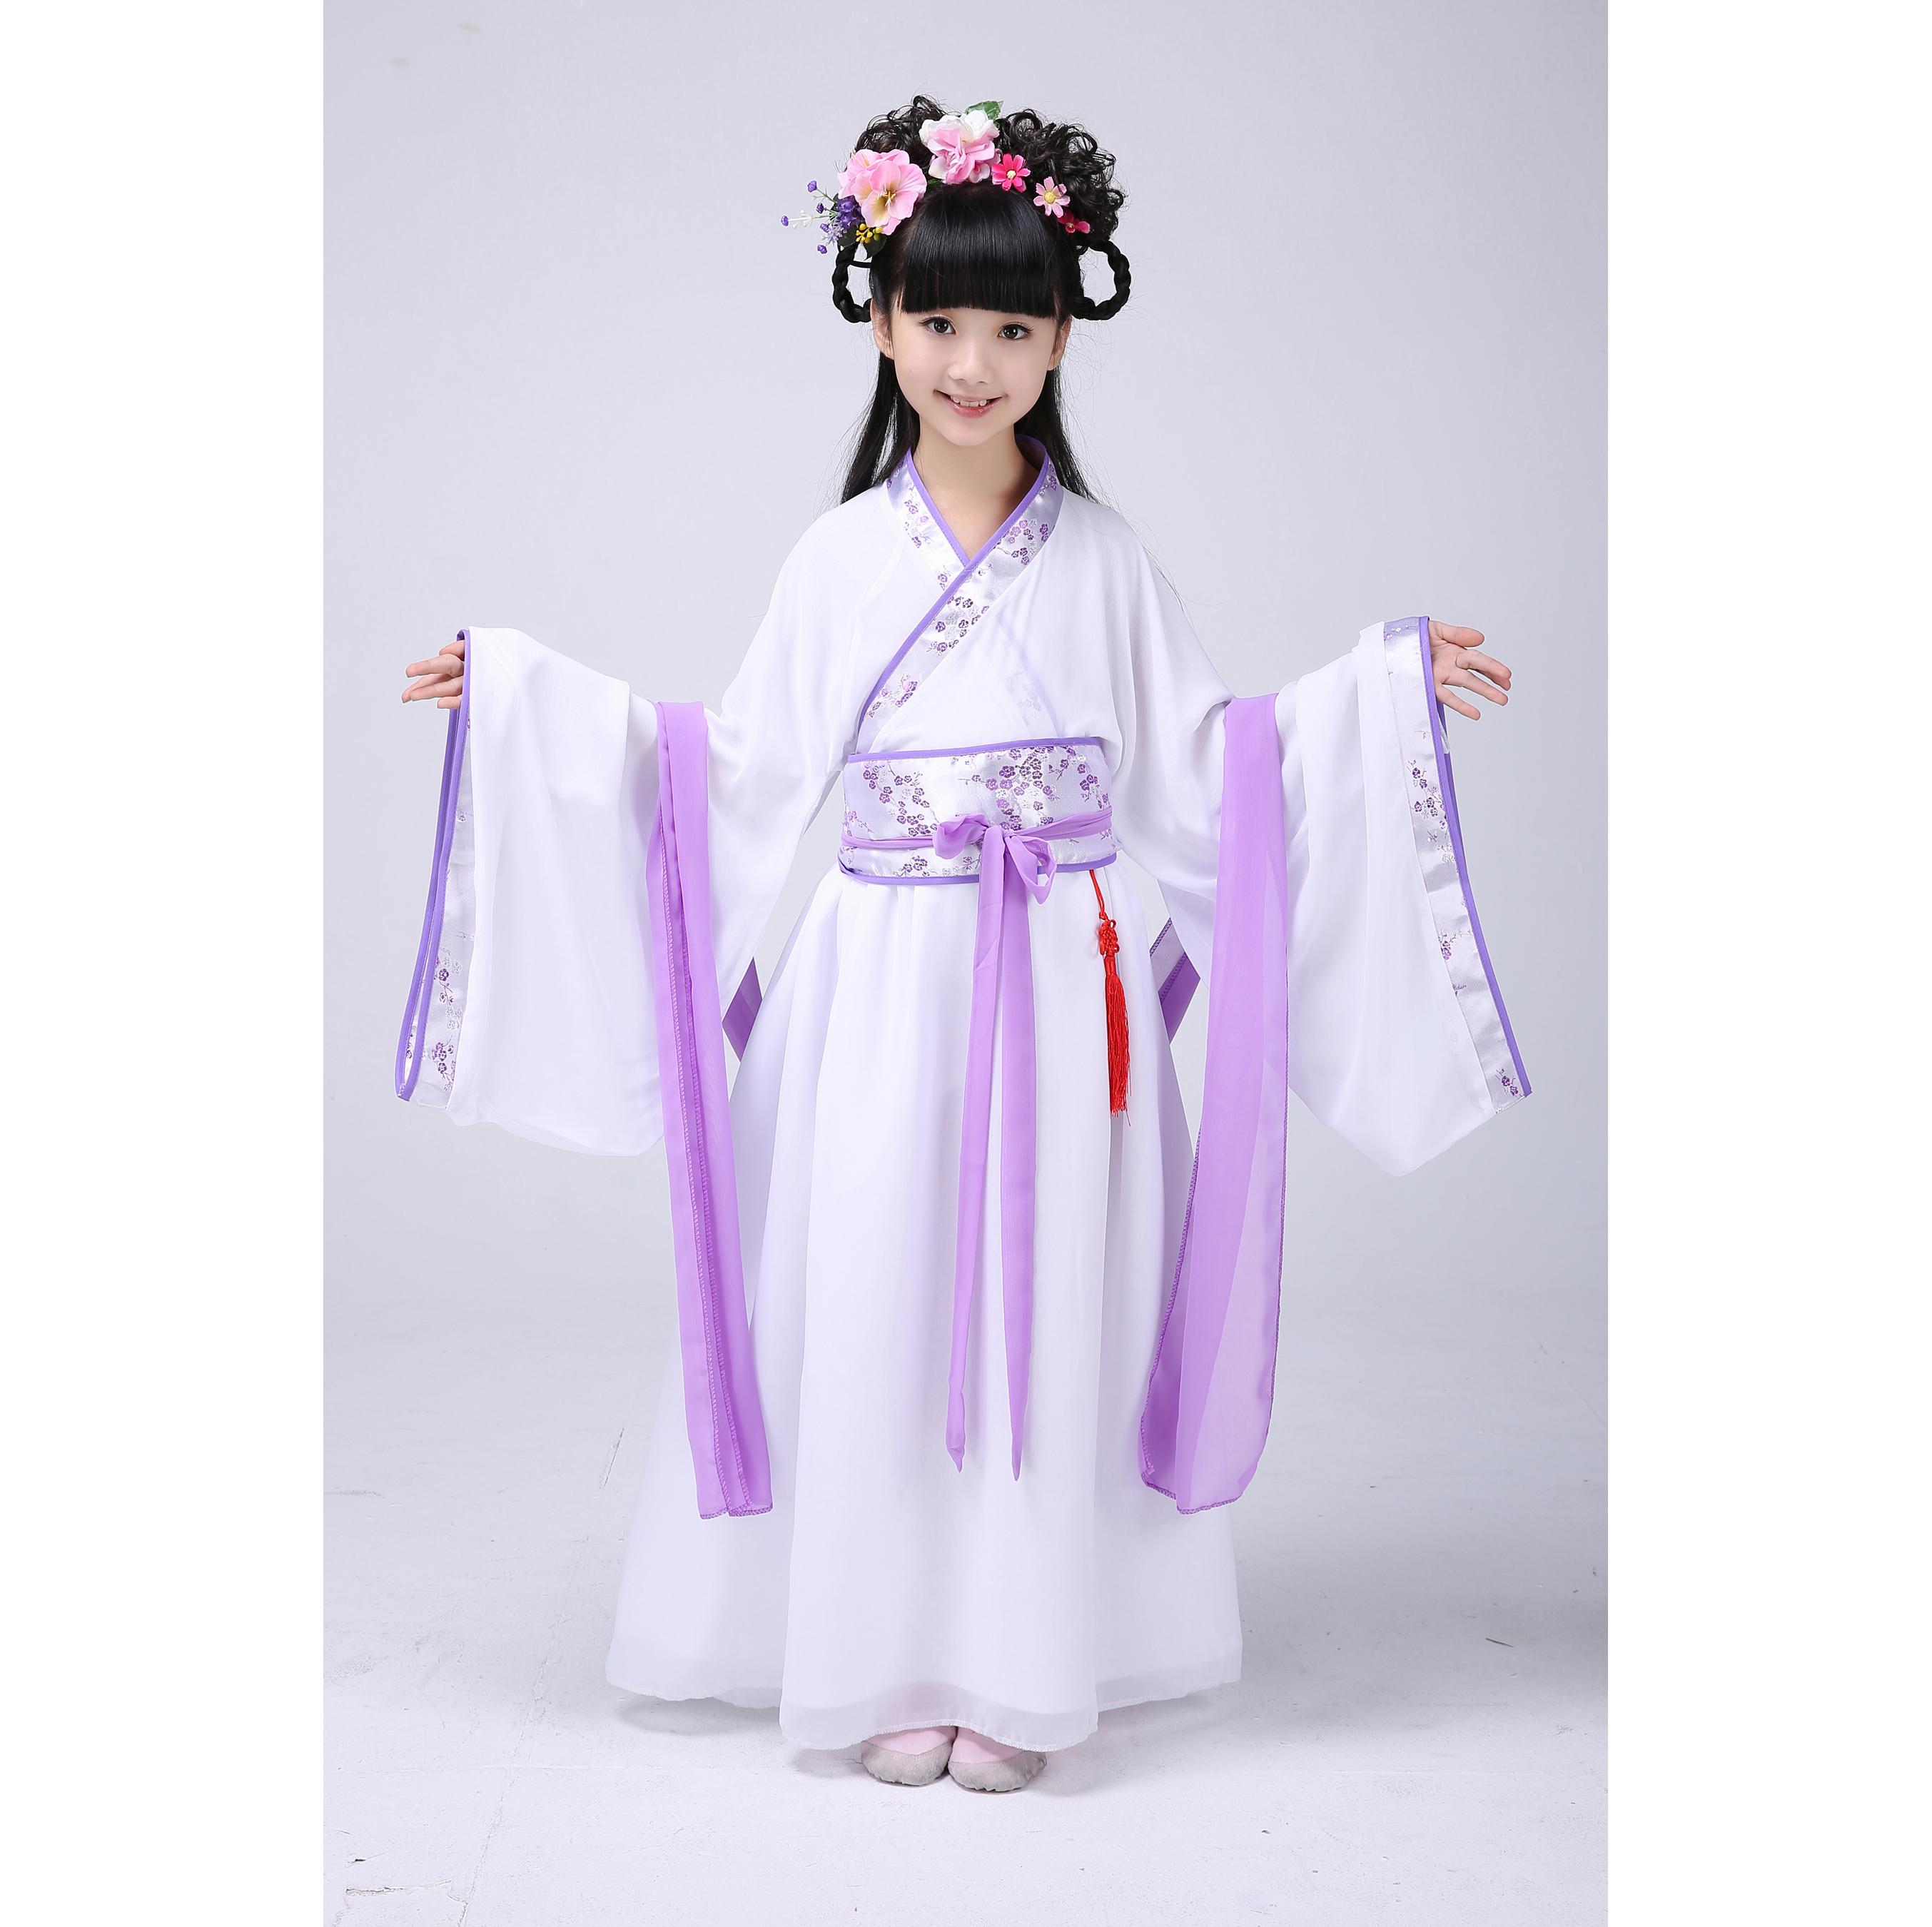 女童古装仙女装表演服古代公主古筝汉服影楼写真服装图片